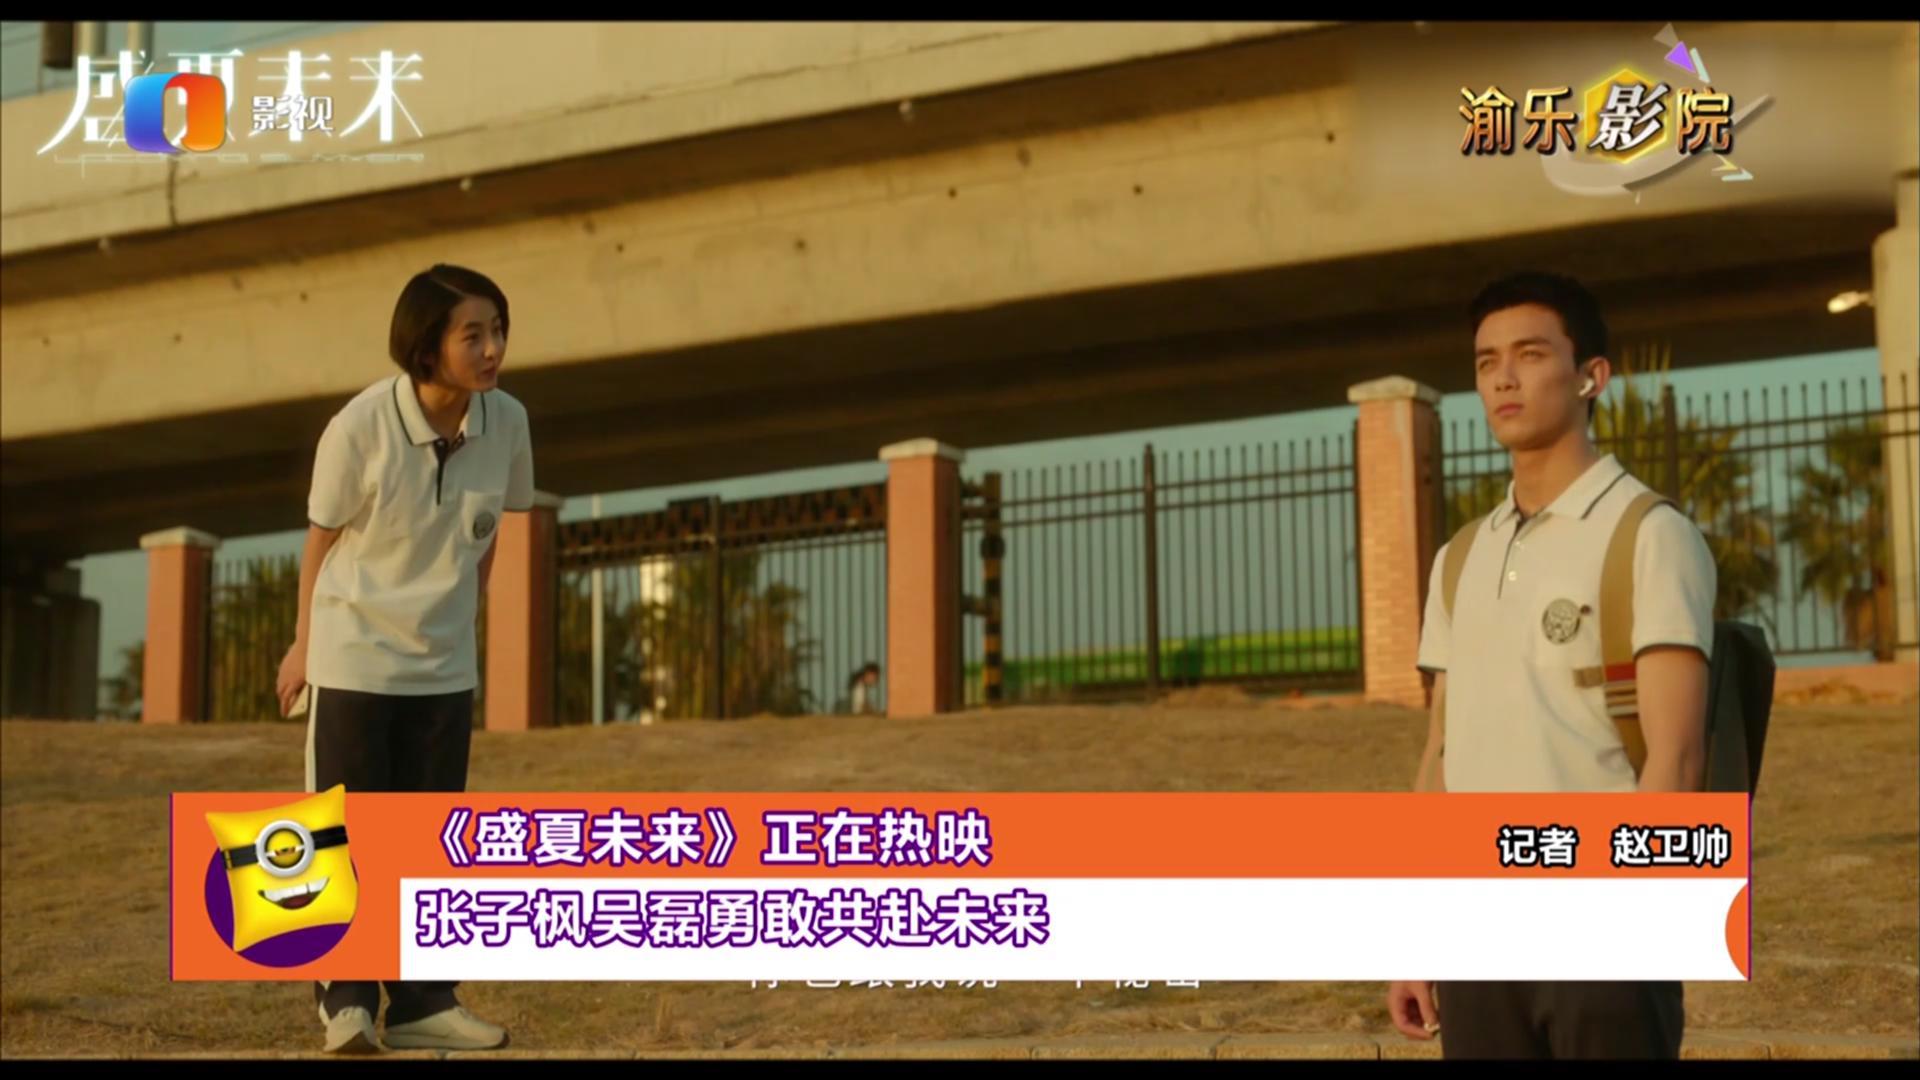 《盛夏未来》正在热映 张子枫吴磊勇敢共赴未来